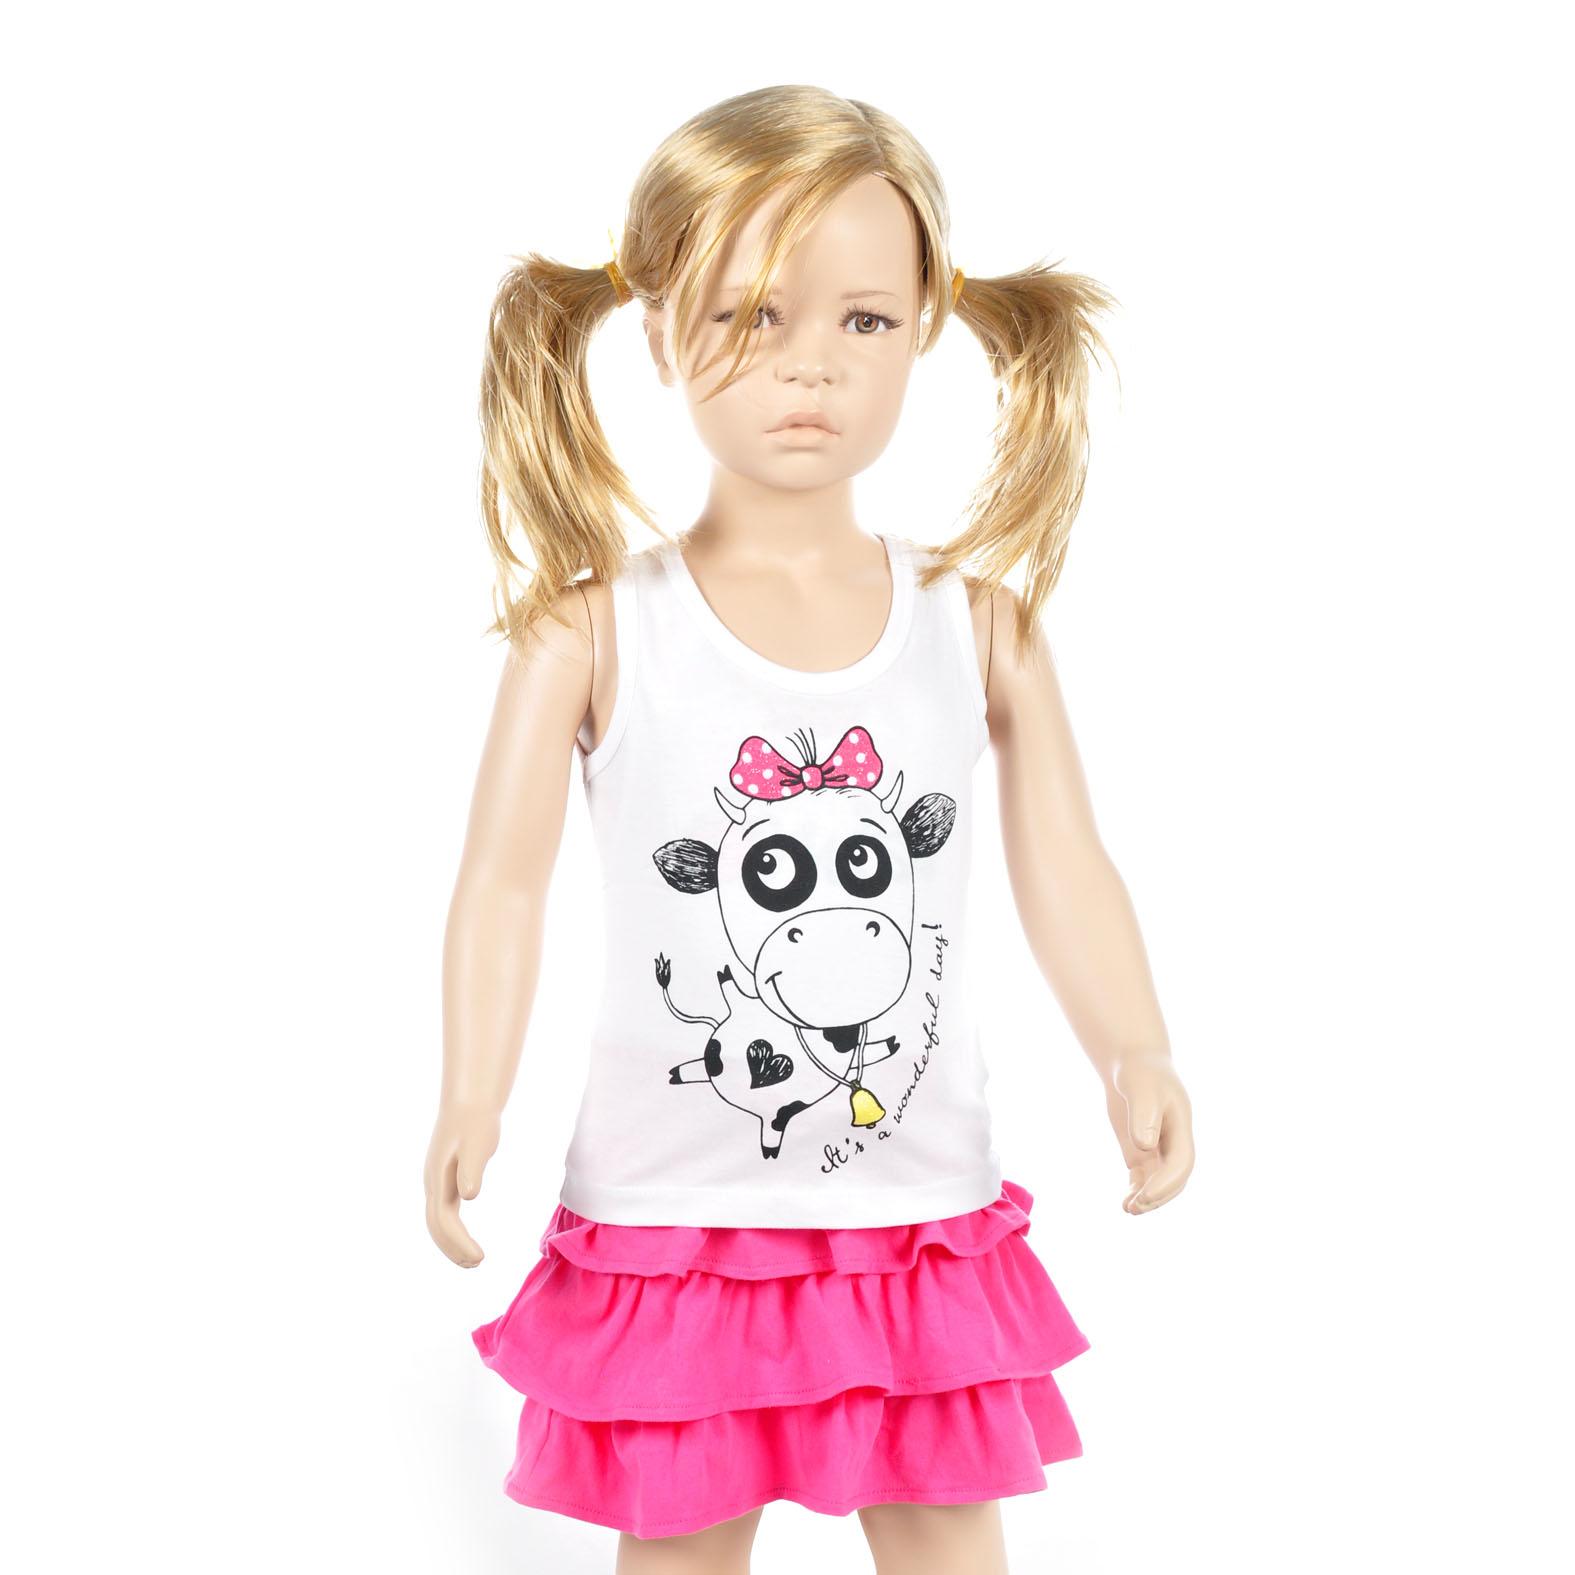 Майка для девочек FOX, цвет белый 12-18 мес.